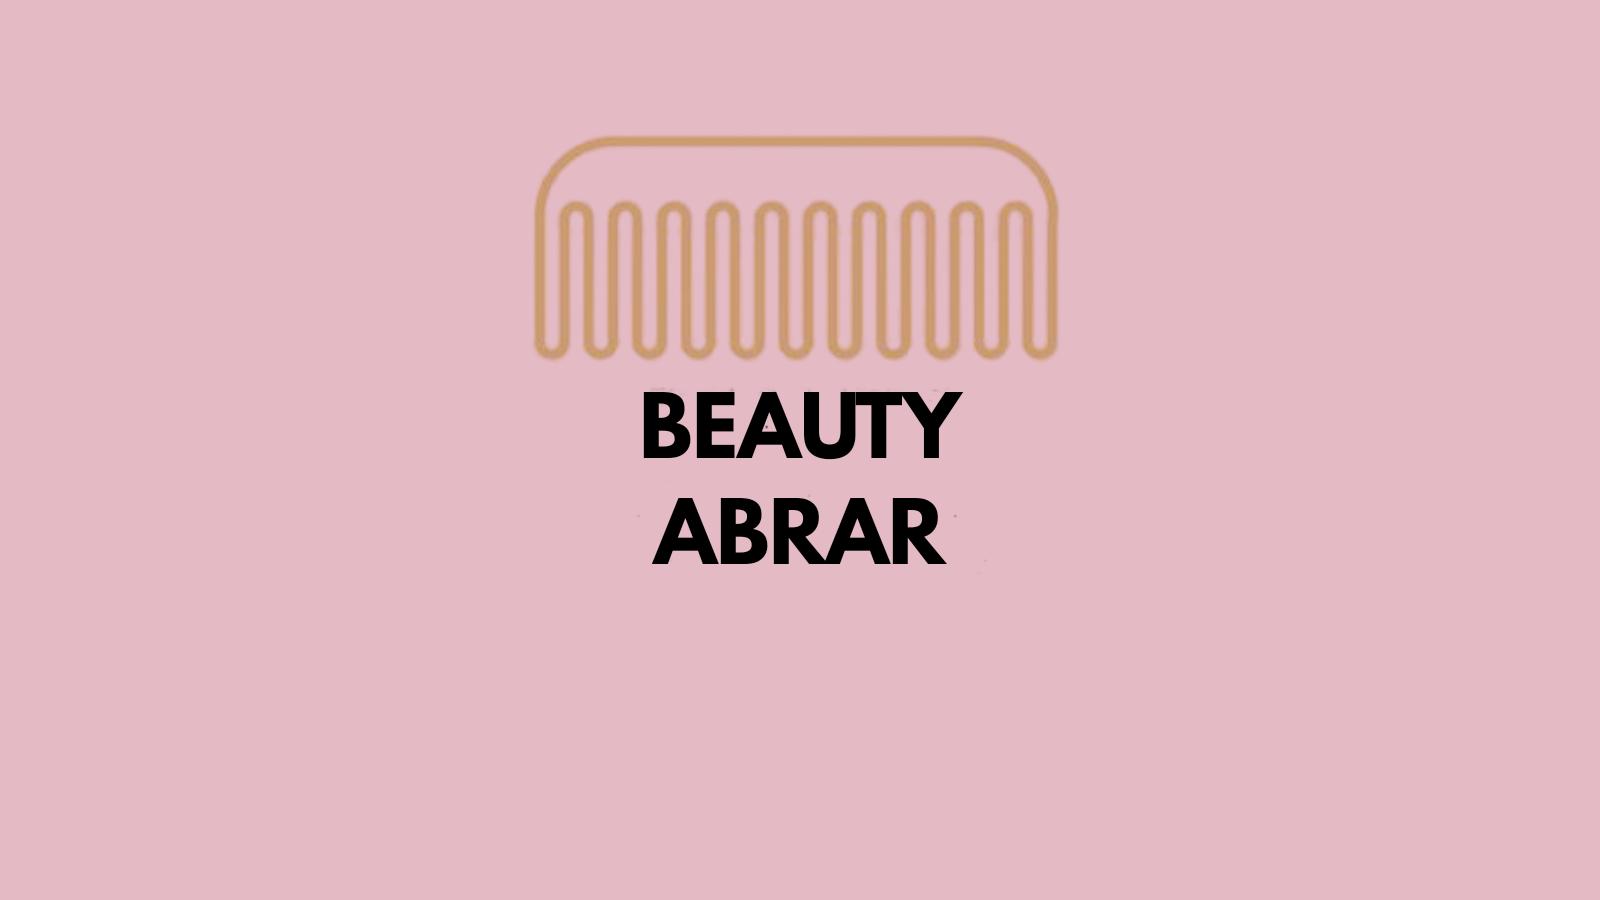 beauty abrar/m